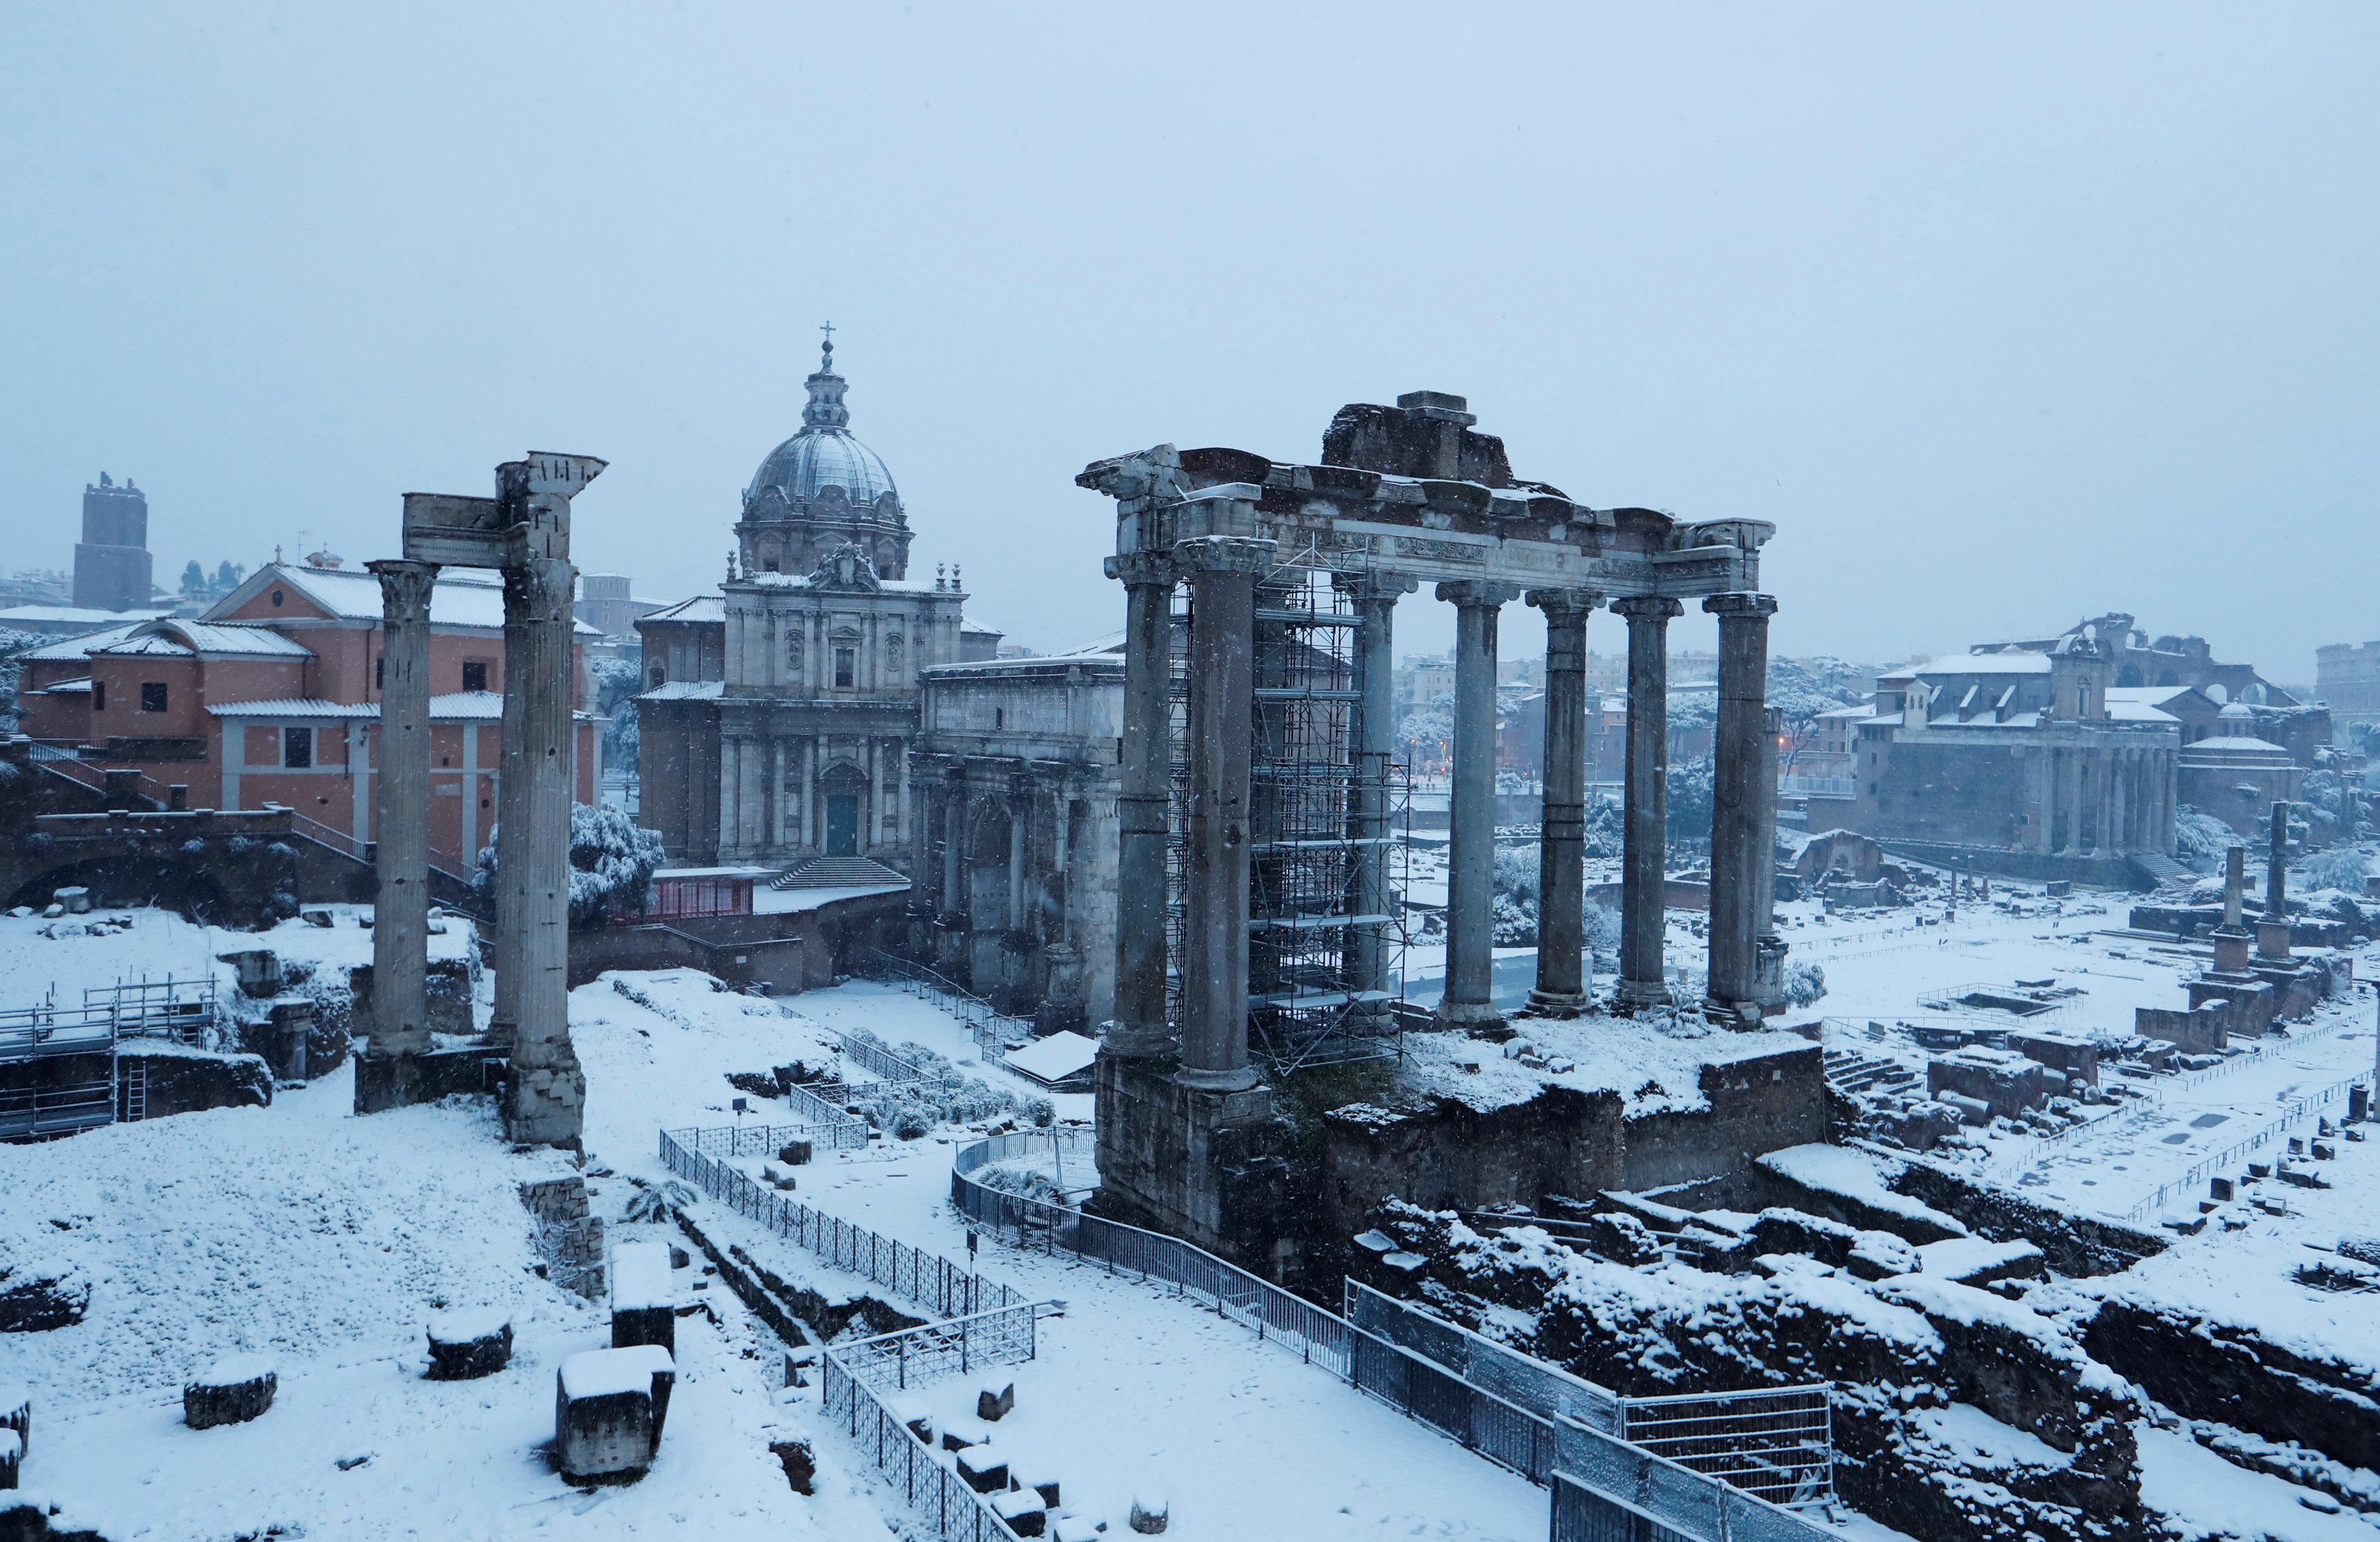 El Foro Romano cubierto de nieve